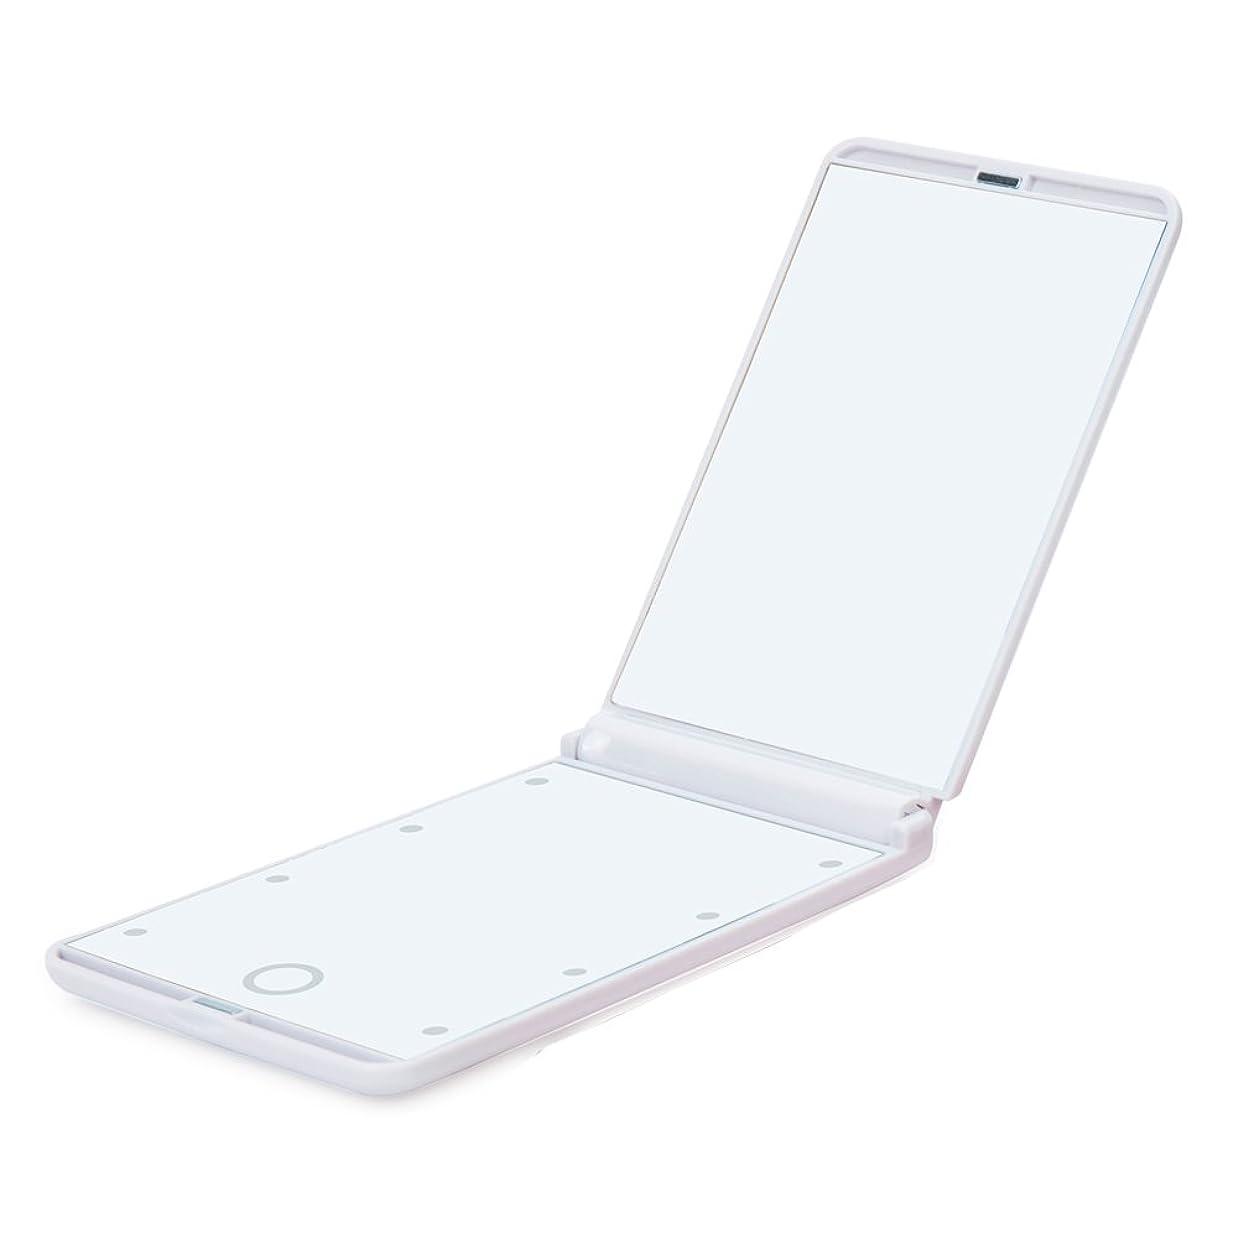 四分円落ち着いて触手led化粧鏡 8LEDライト付き 折りたたみ コンパクト 角型タイプ 持ち運び便利 2倍拡大鏡付 ホワイト